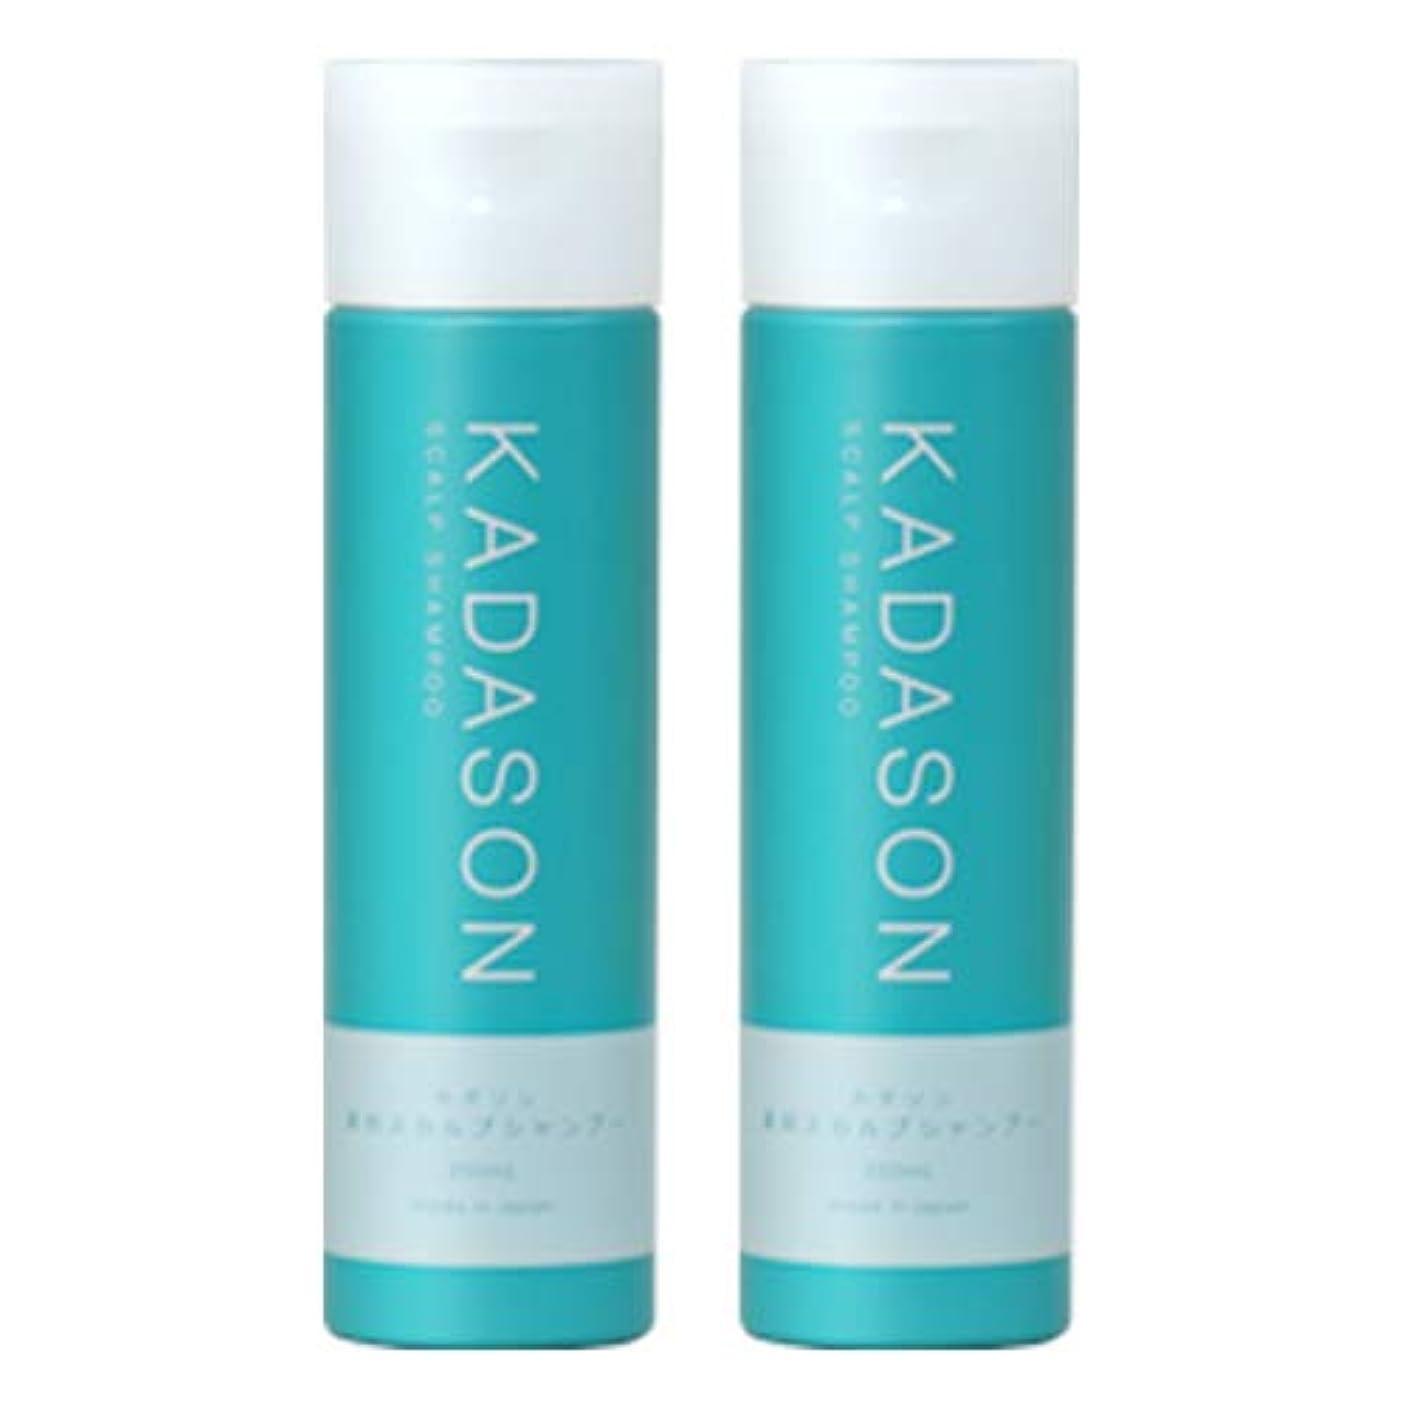 たとえ長いですカップル[ 医薬部外品 ] KADASON (カダソン) スカルプ シャンプー 2本セット (各250ml / 脂漏肌) オイリー肌 脂性肌 薬用シャンプー 天然由来成分 (日本製)